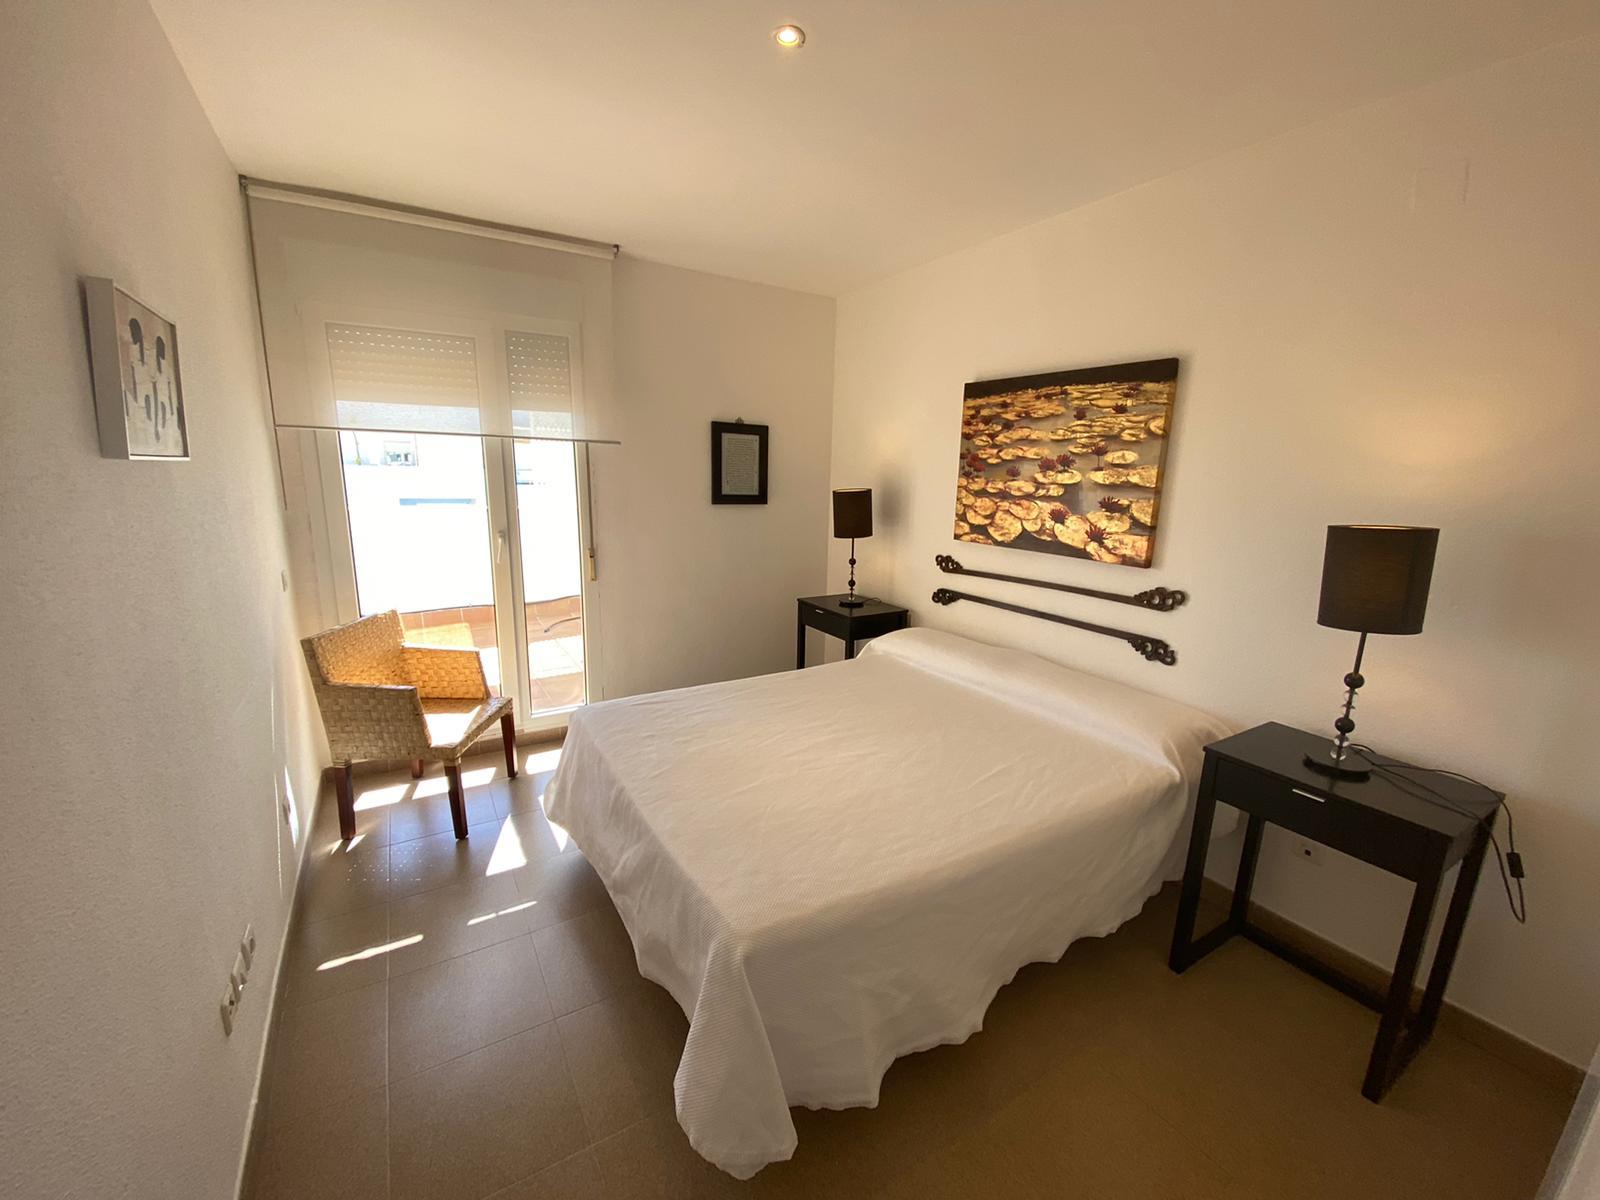 Imagen 27 del Apartamento Turístico, Ático 3 Levante, Frontal (4d+2b), Punta del Moral (HUELVA), Paseo de la Cruz nº22